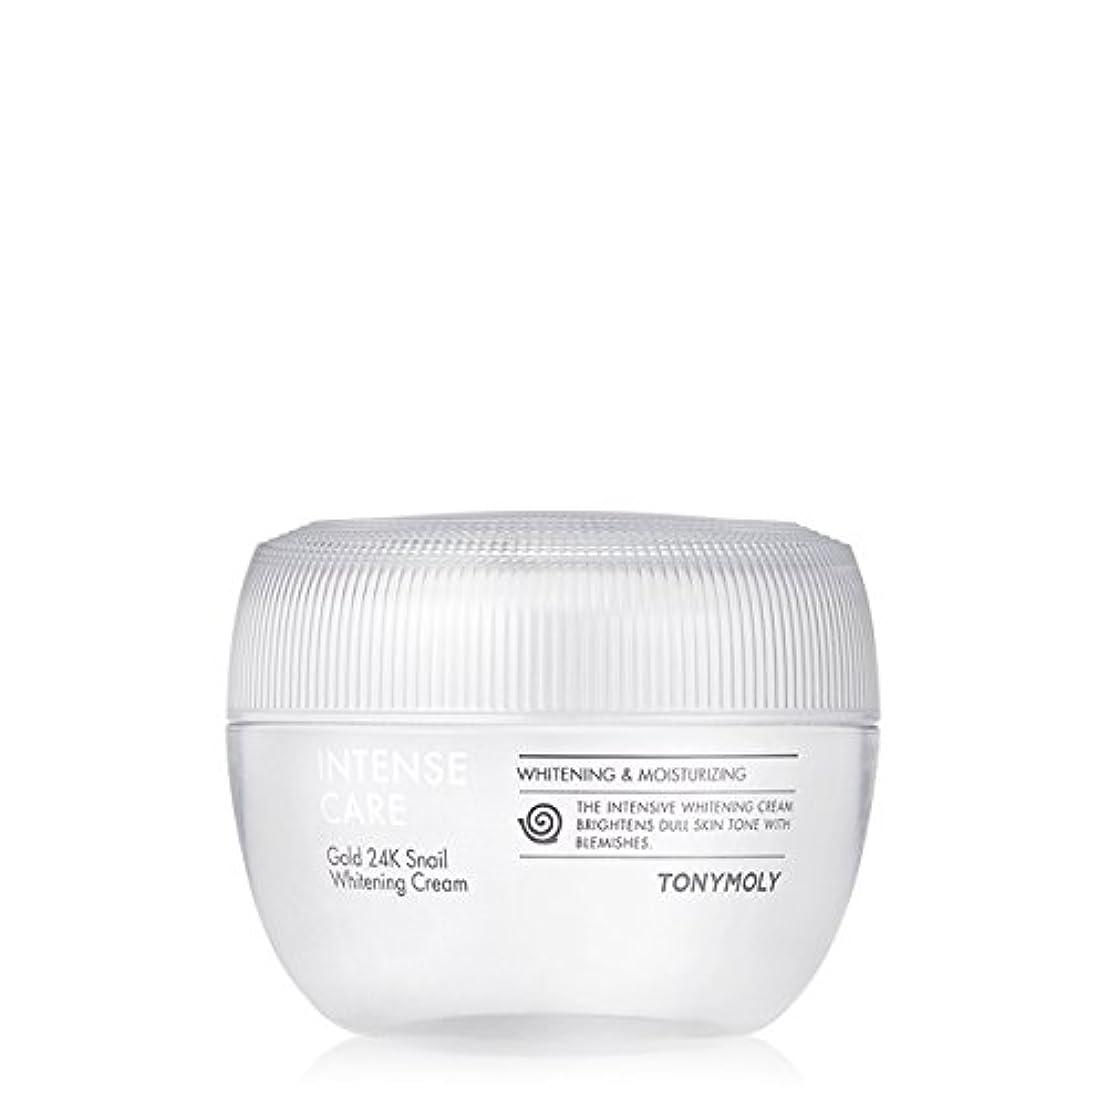 選択サービスもっとTONYMOLY Intense Care Gold 24K Snail Whitening Cream 50ml/トニーモリー インテンス ケア ゴールド 24K スネイル ホワイトニング クリーム 50ml [並行輸入品]